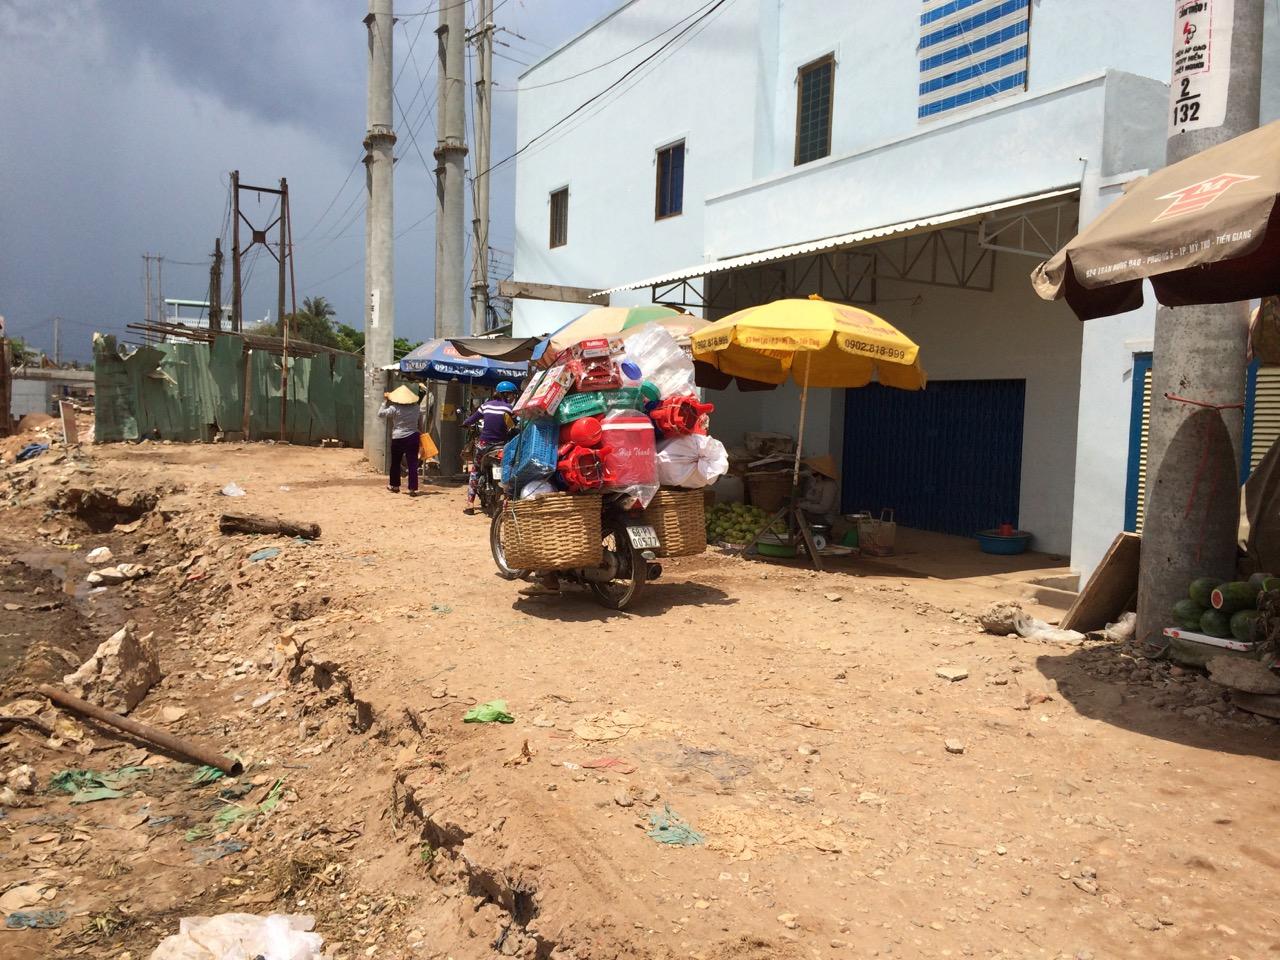 Путешествие по Вьетнаму, Фукуок: Местами приходилось пробираться через такое месиво